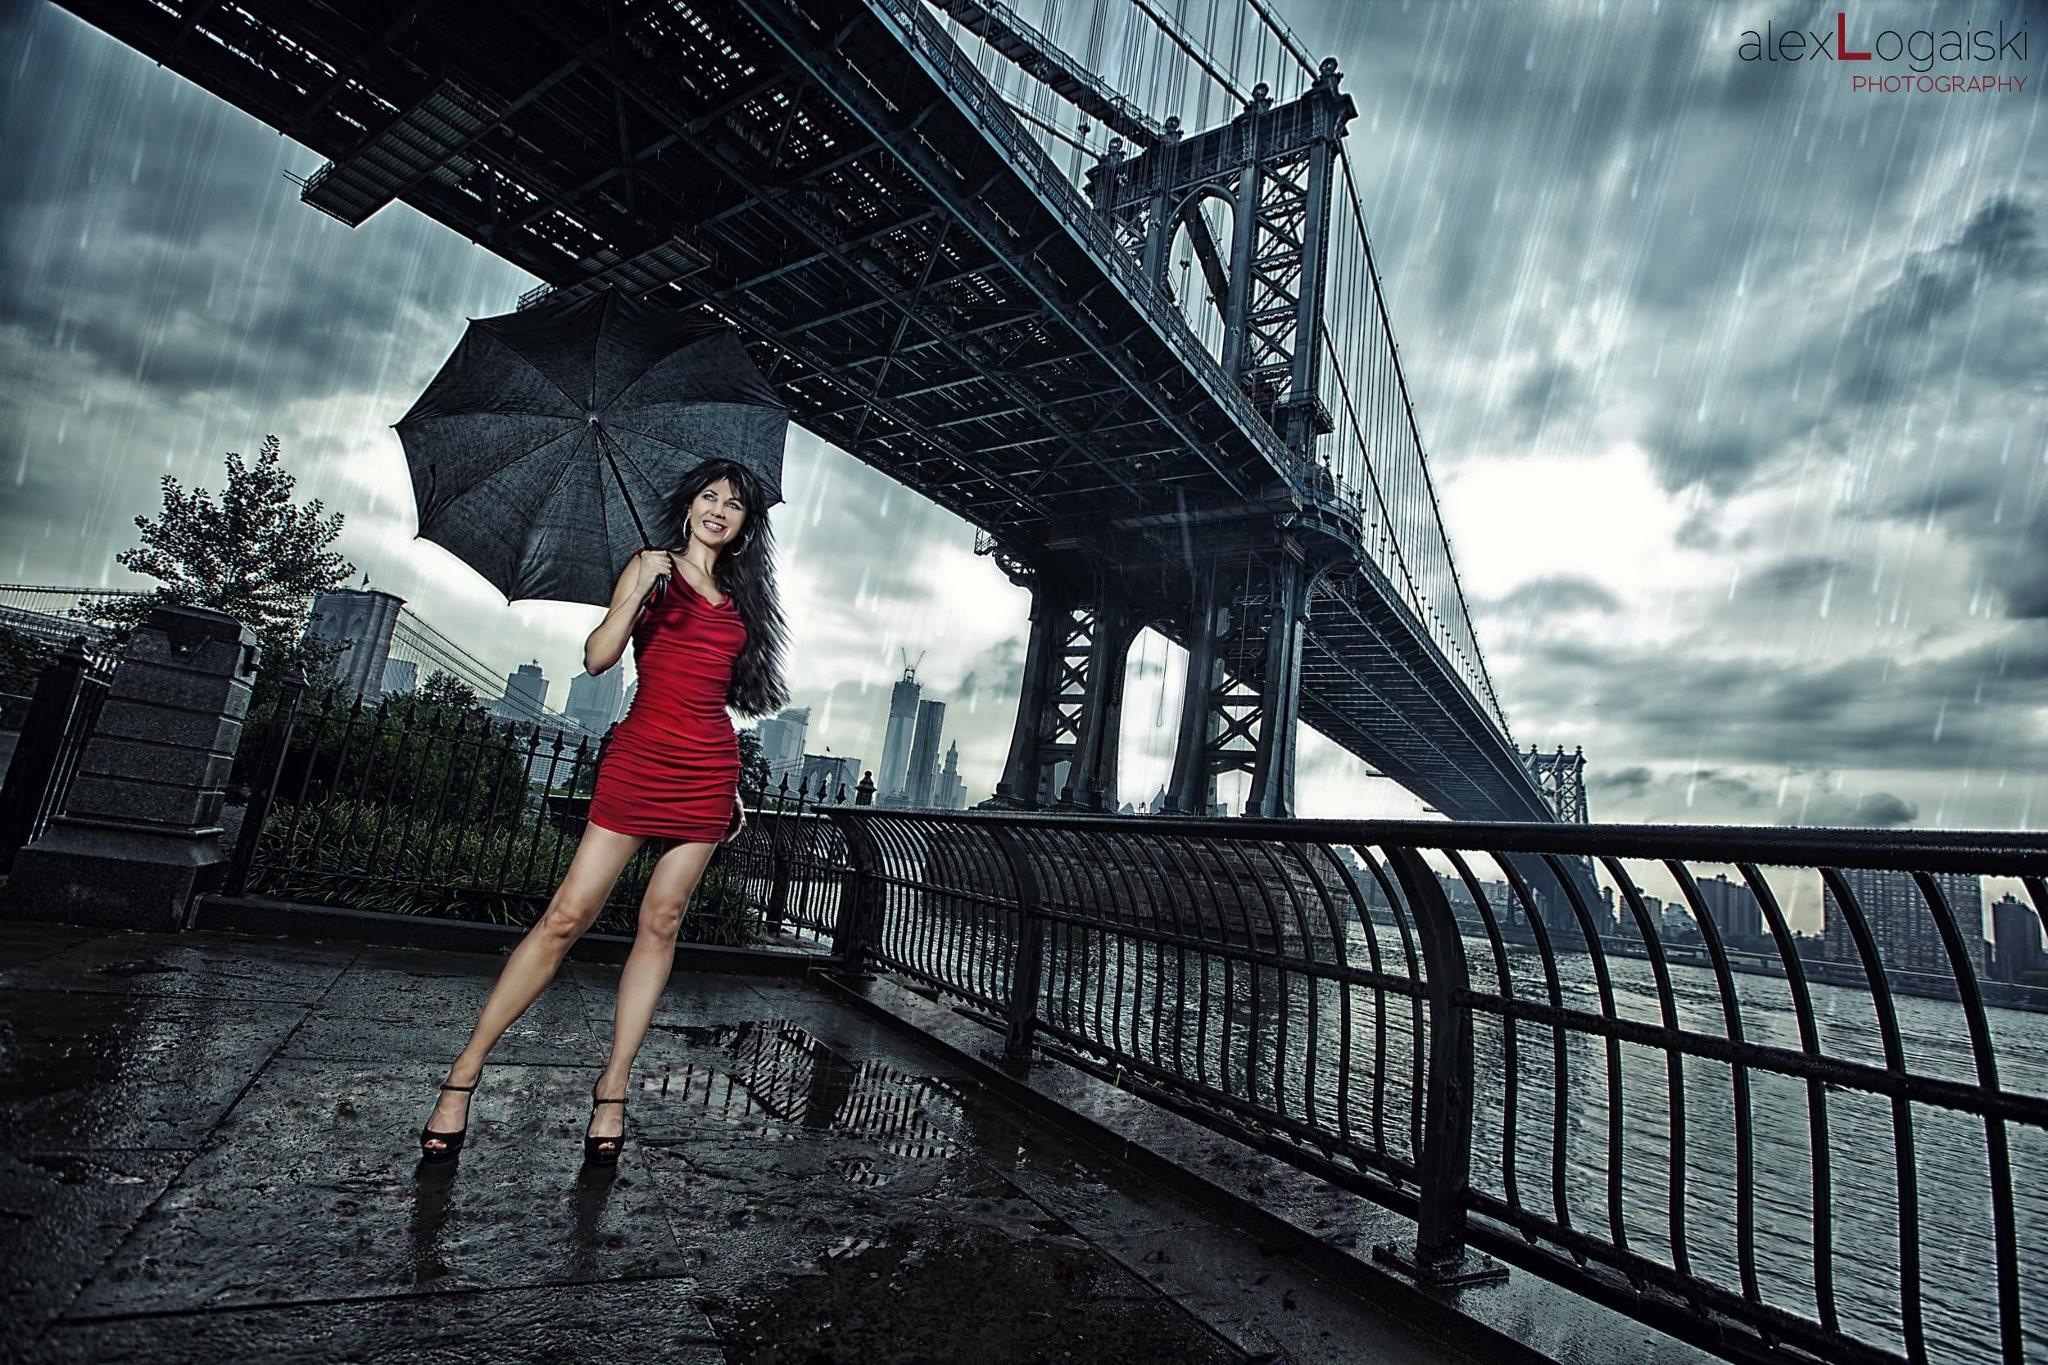 мост под дождем картинки скрывает